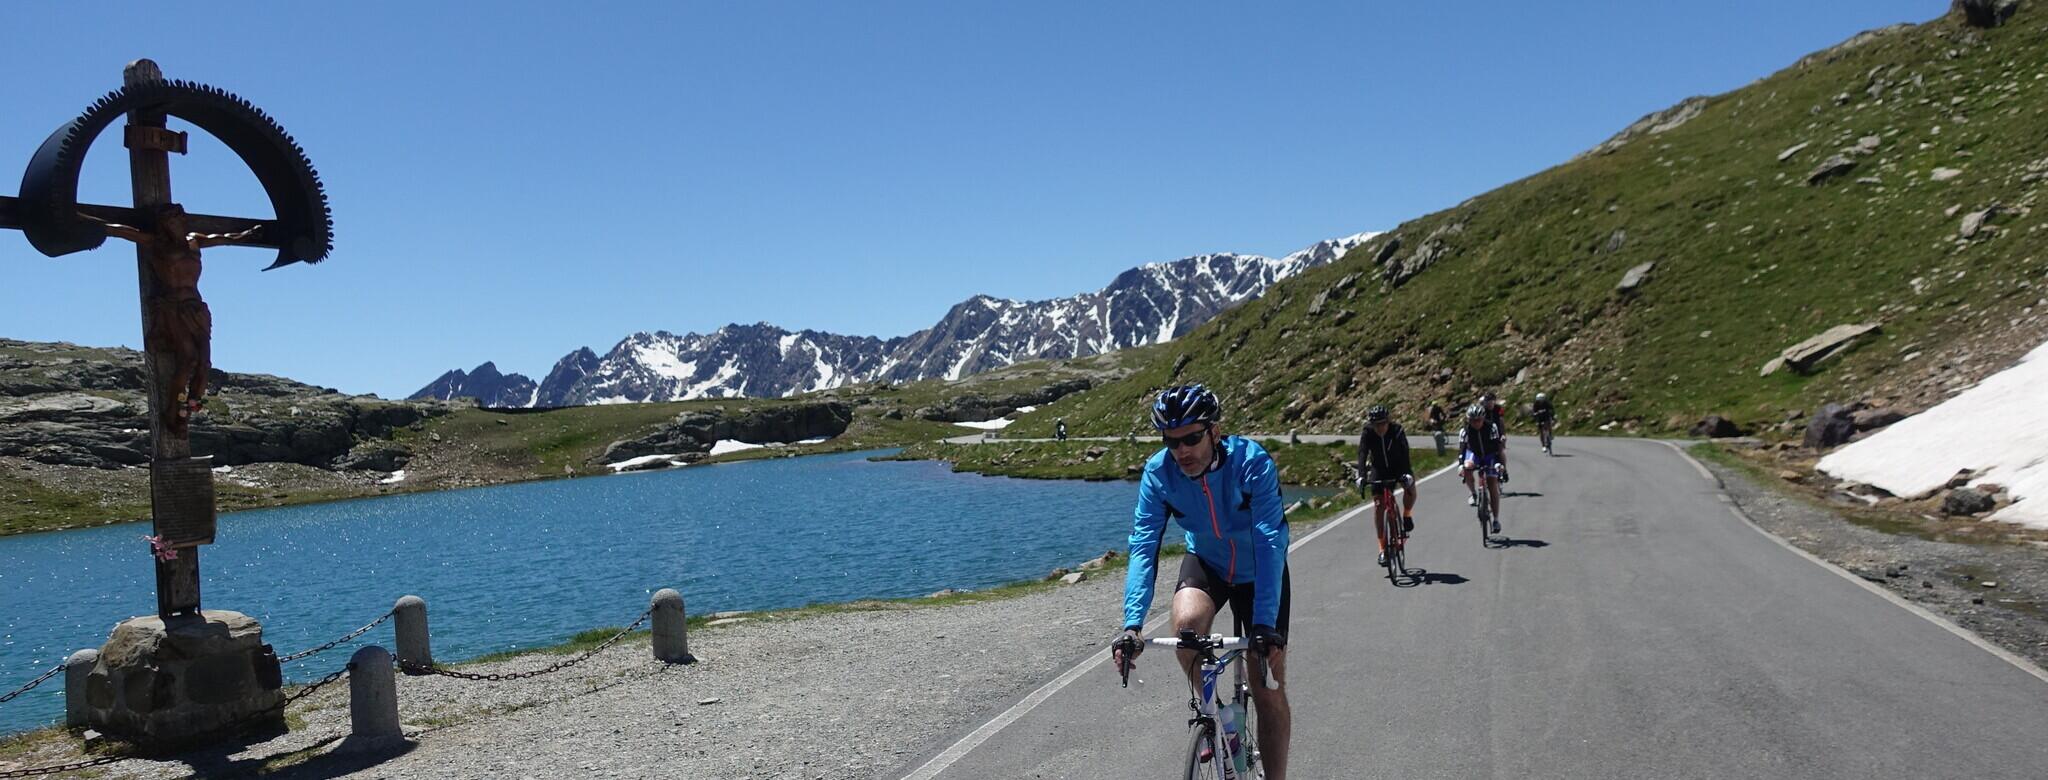 unser Alpengiro